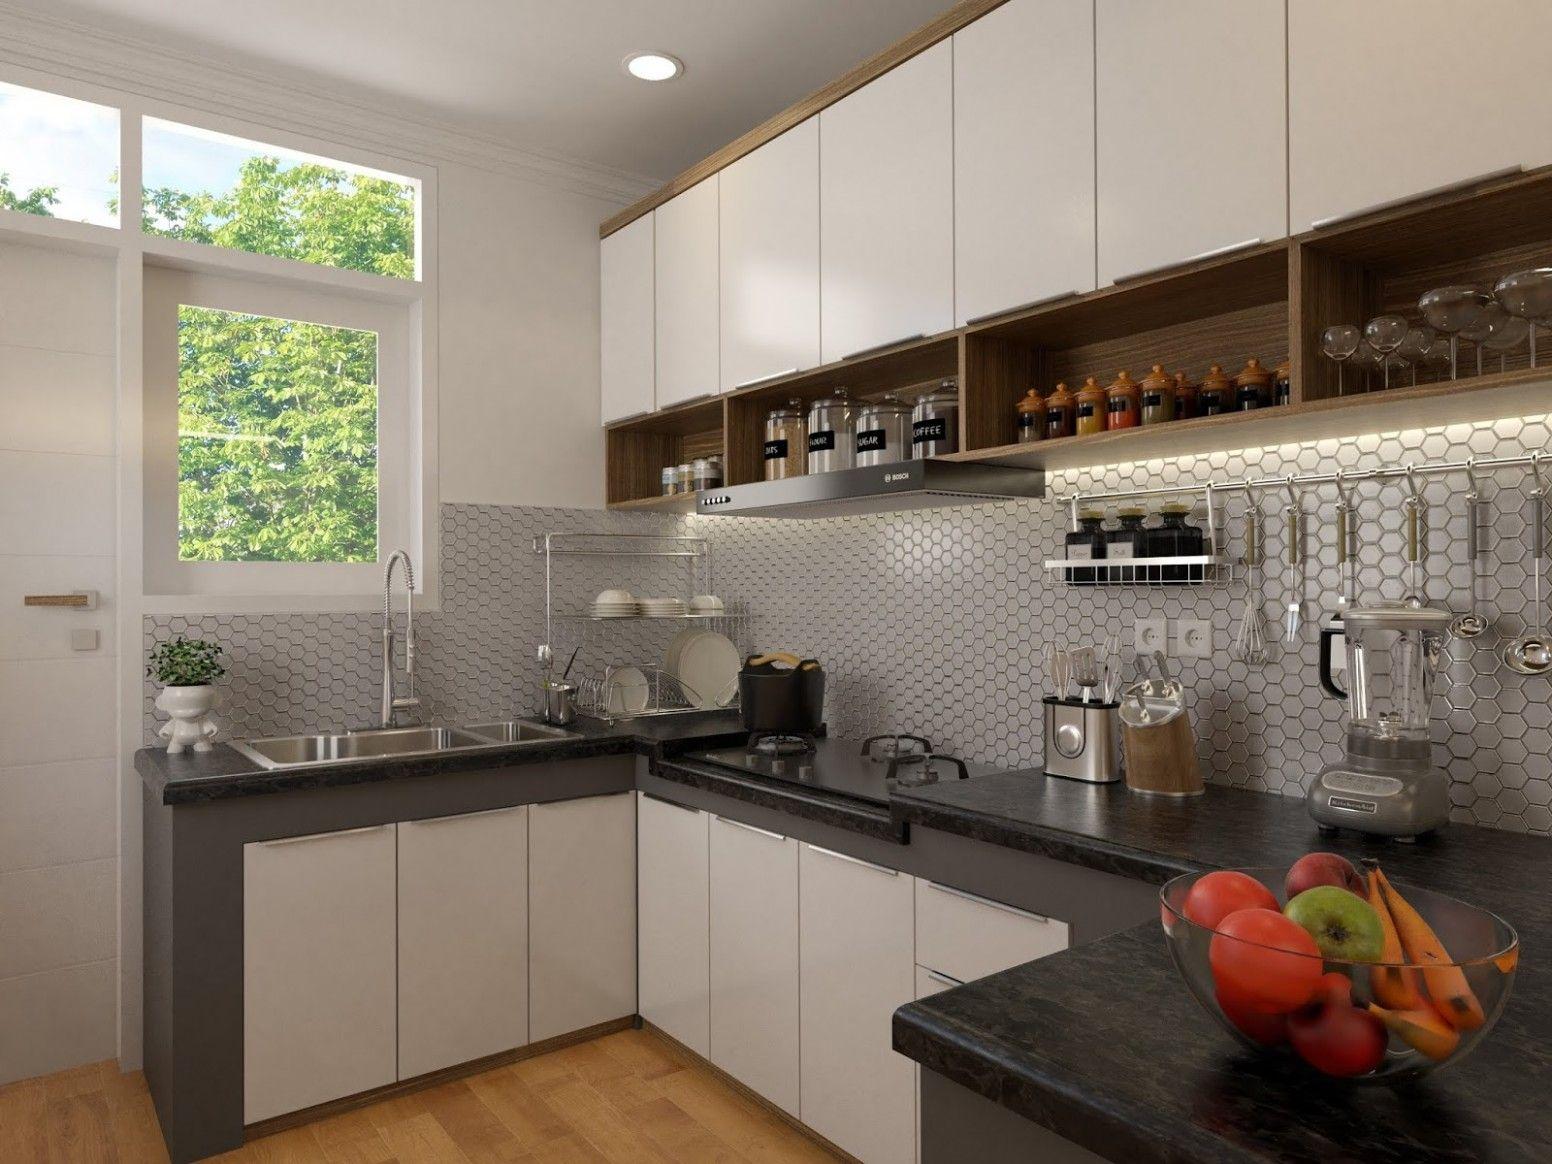 10 Model Dapur Rumah Mewah Mewah Di 2020 Dapur Mewah Kabinet Dapur Model Dapur